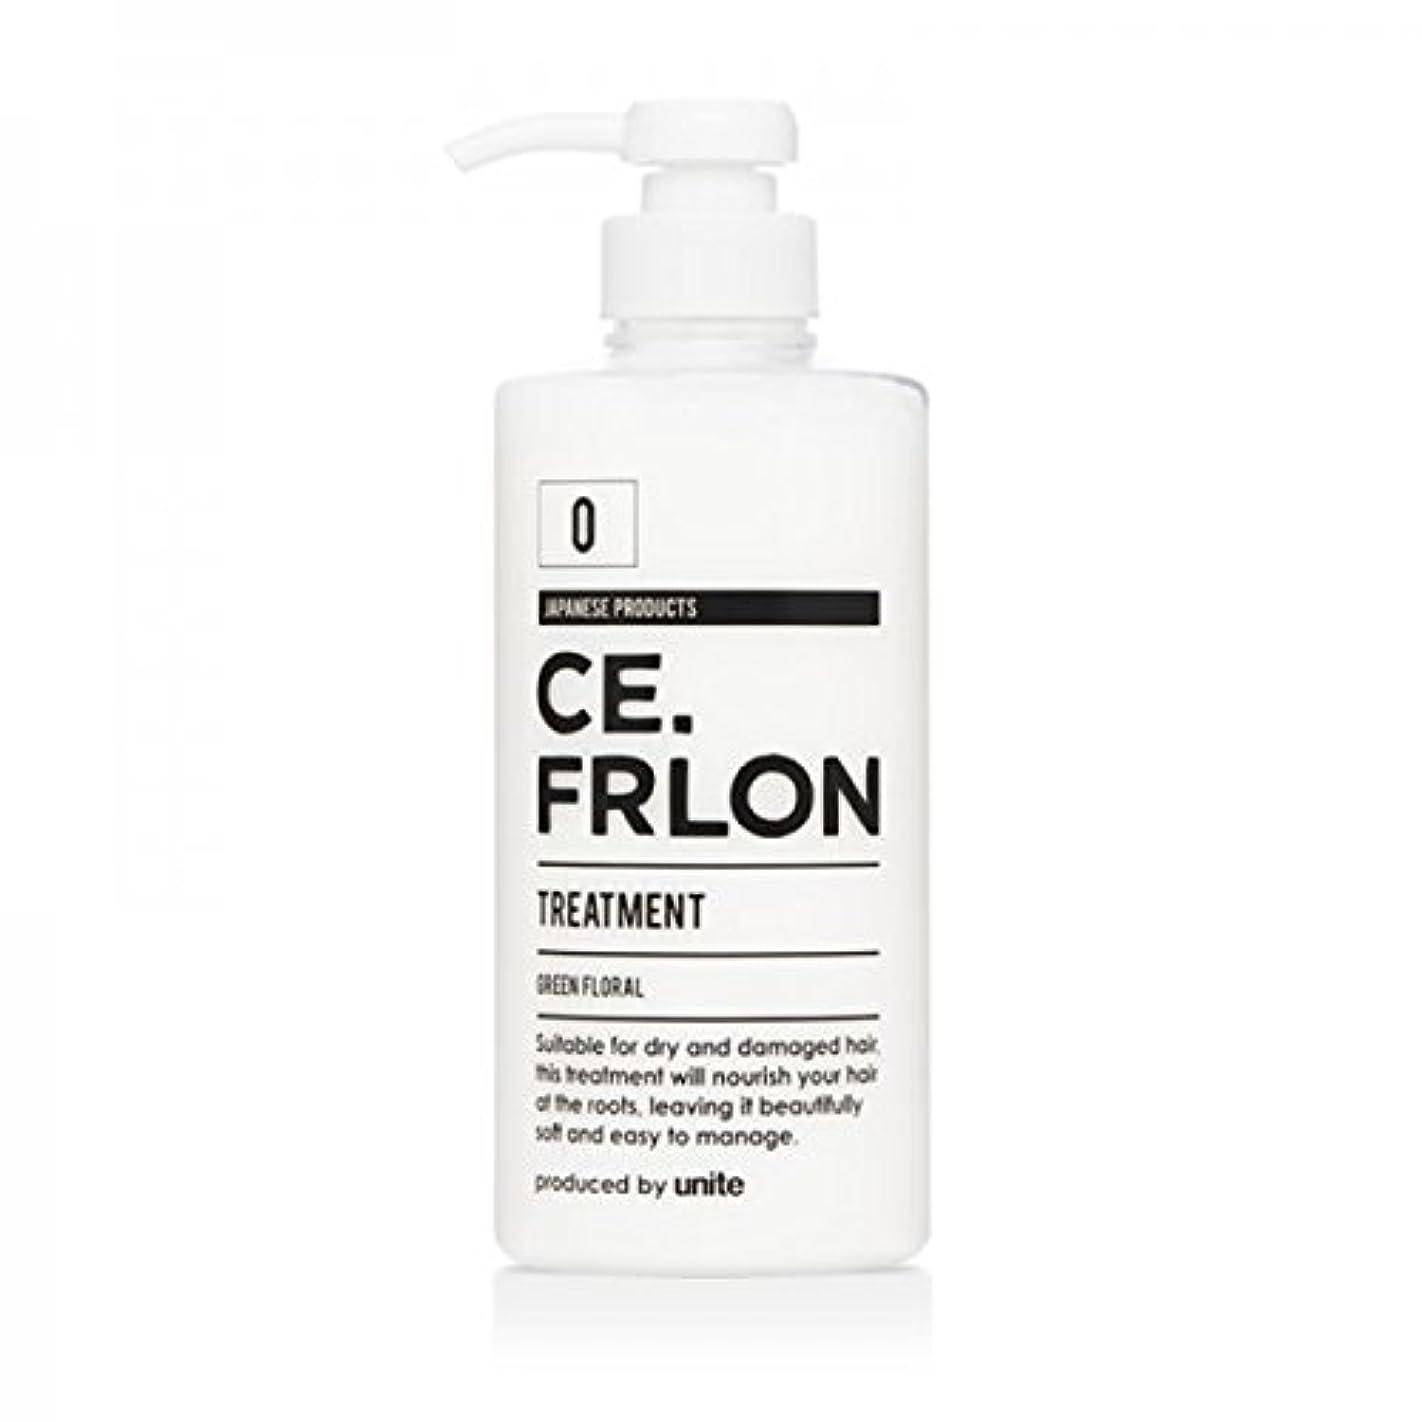 安全でないタイプライター項目トリートメント 500g CE.FRLON (美容師が開発したヘアケア商品)